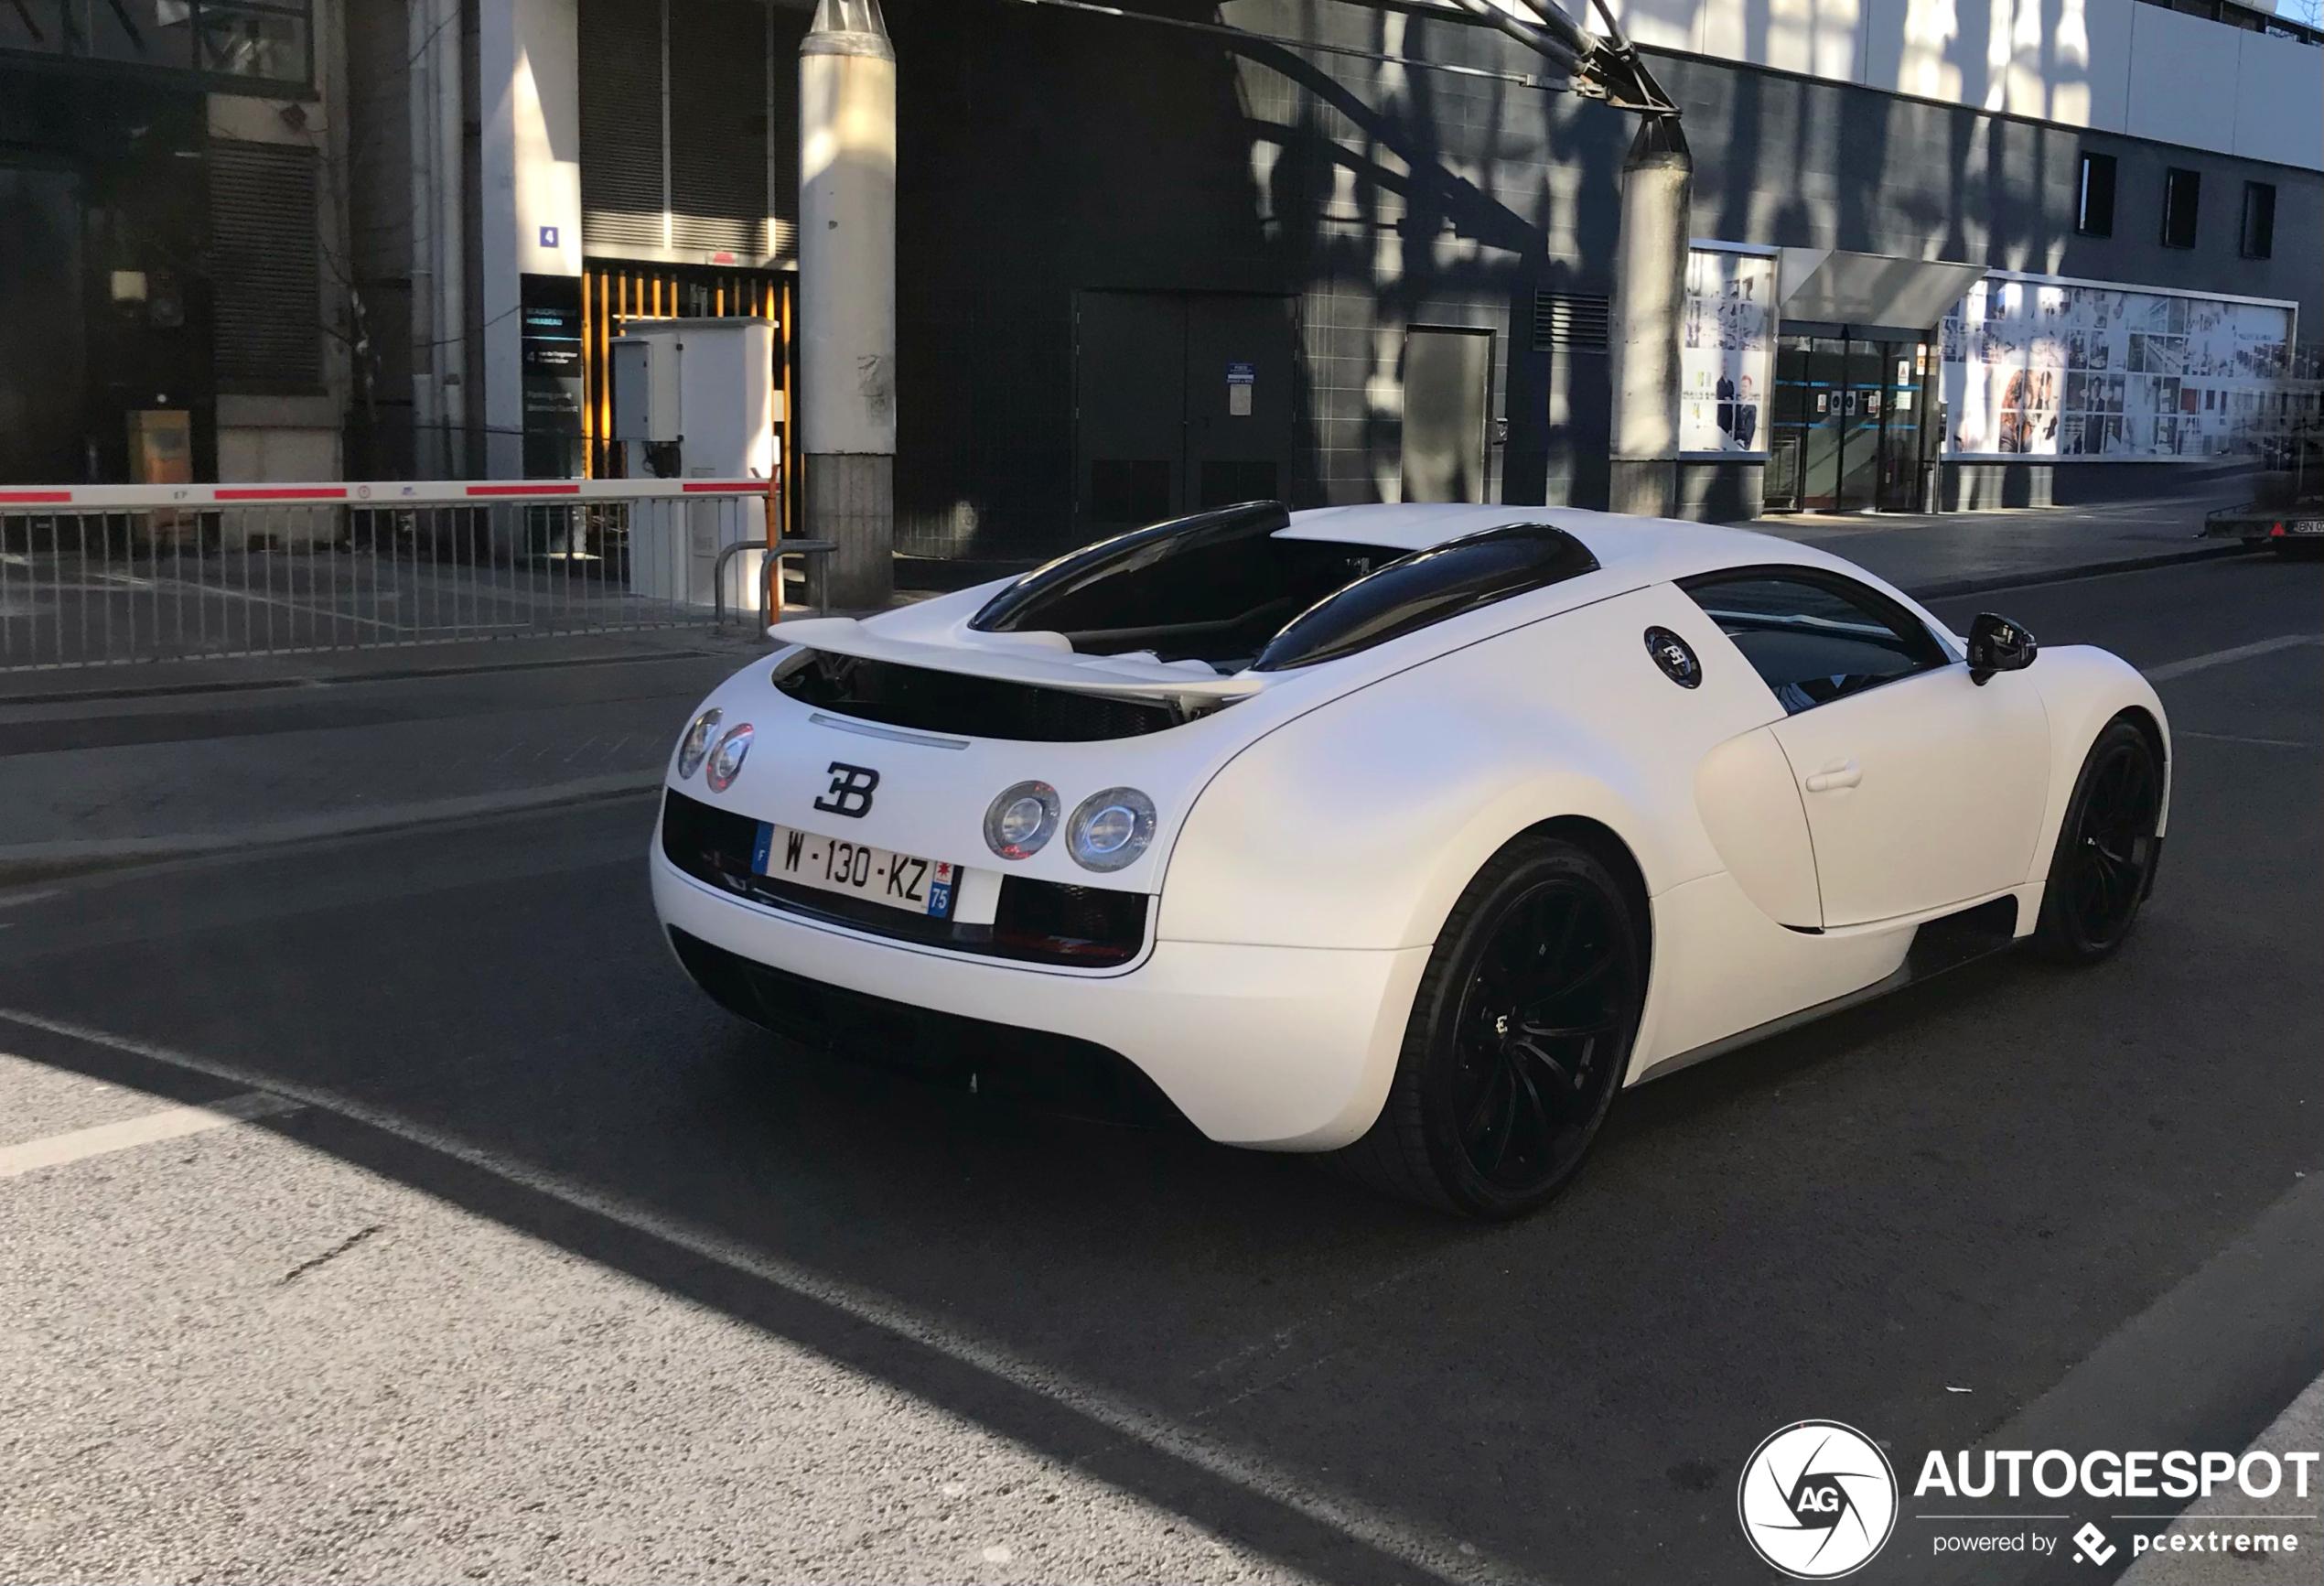 Kruipend door Parijs met de Bugatti Veyron 16.4